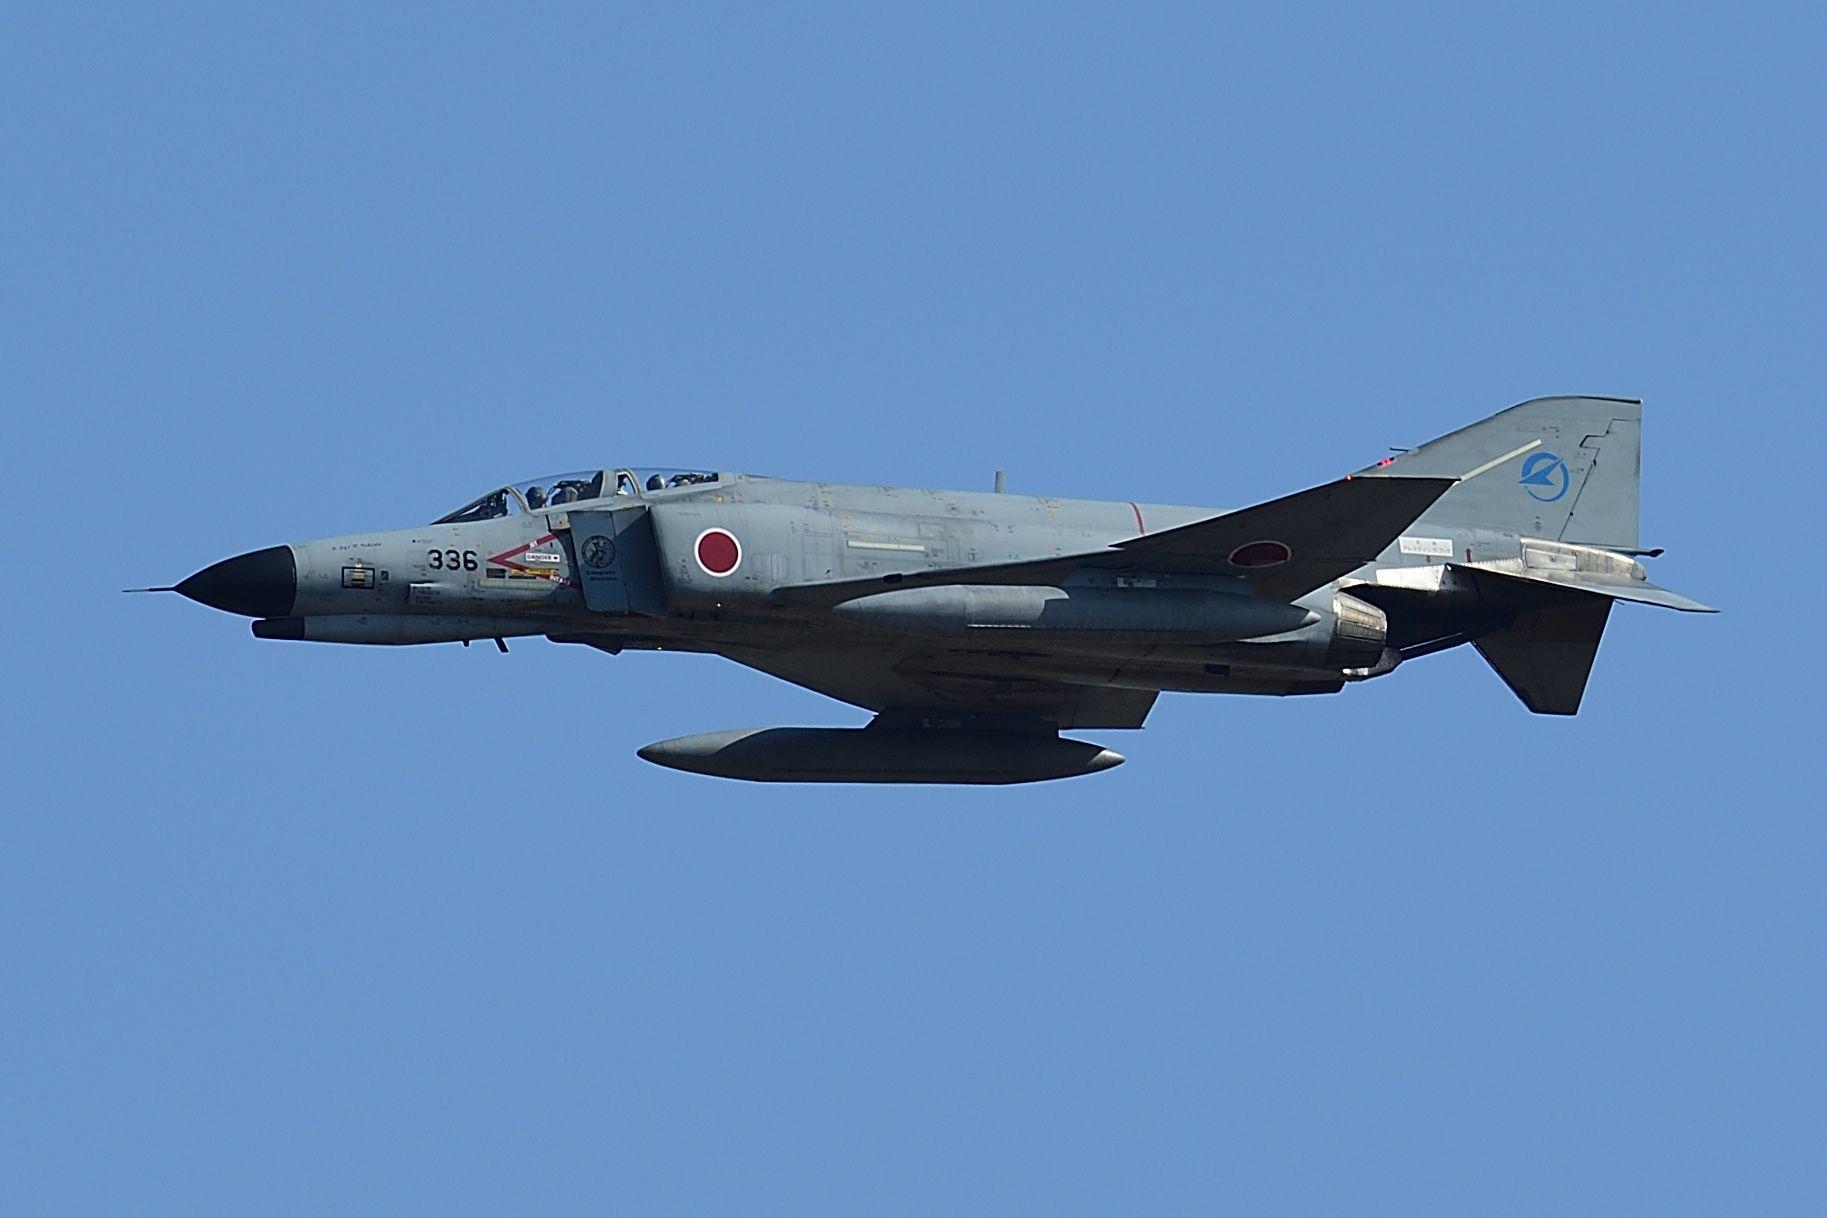 2021/03/17 岐阜基地(F-4ファントムⅡラストフライト)_c0250390_10132550.jpg